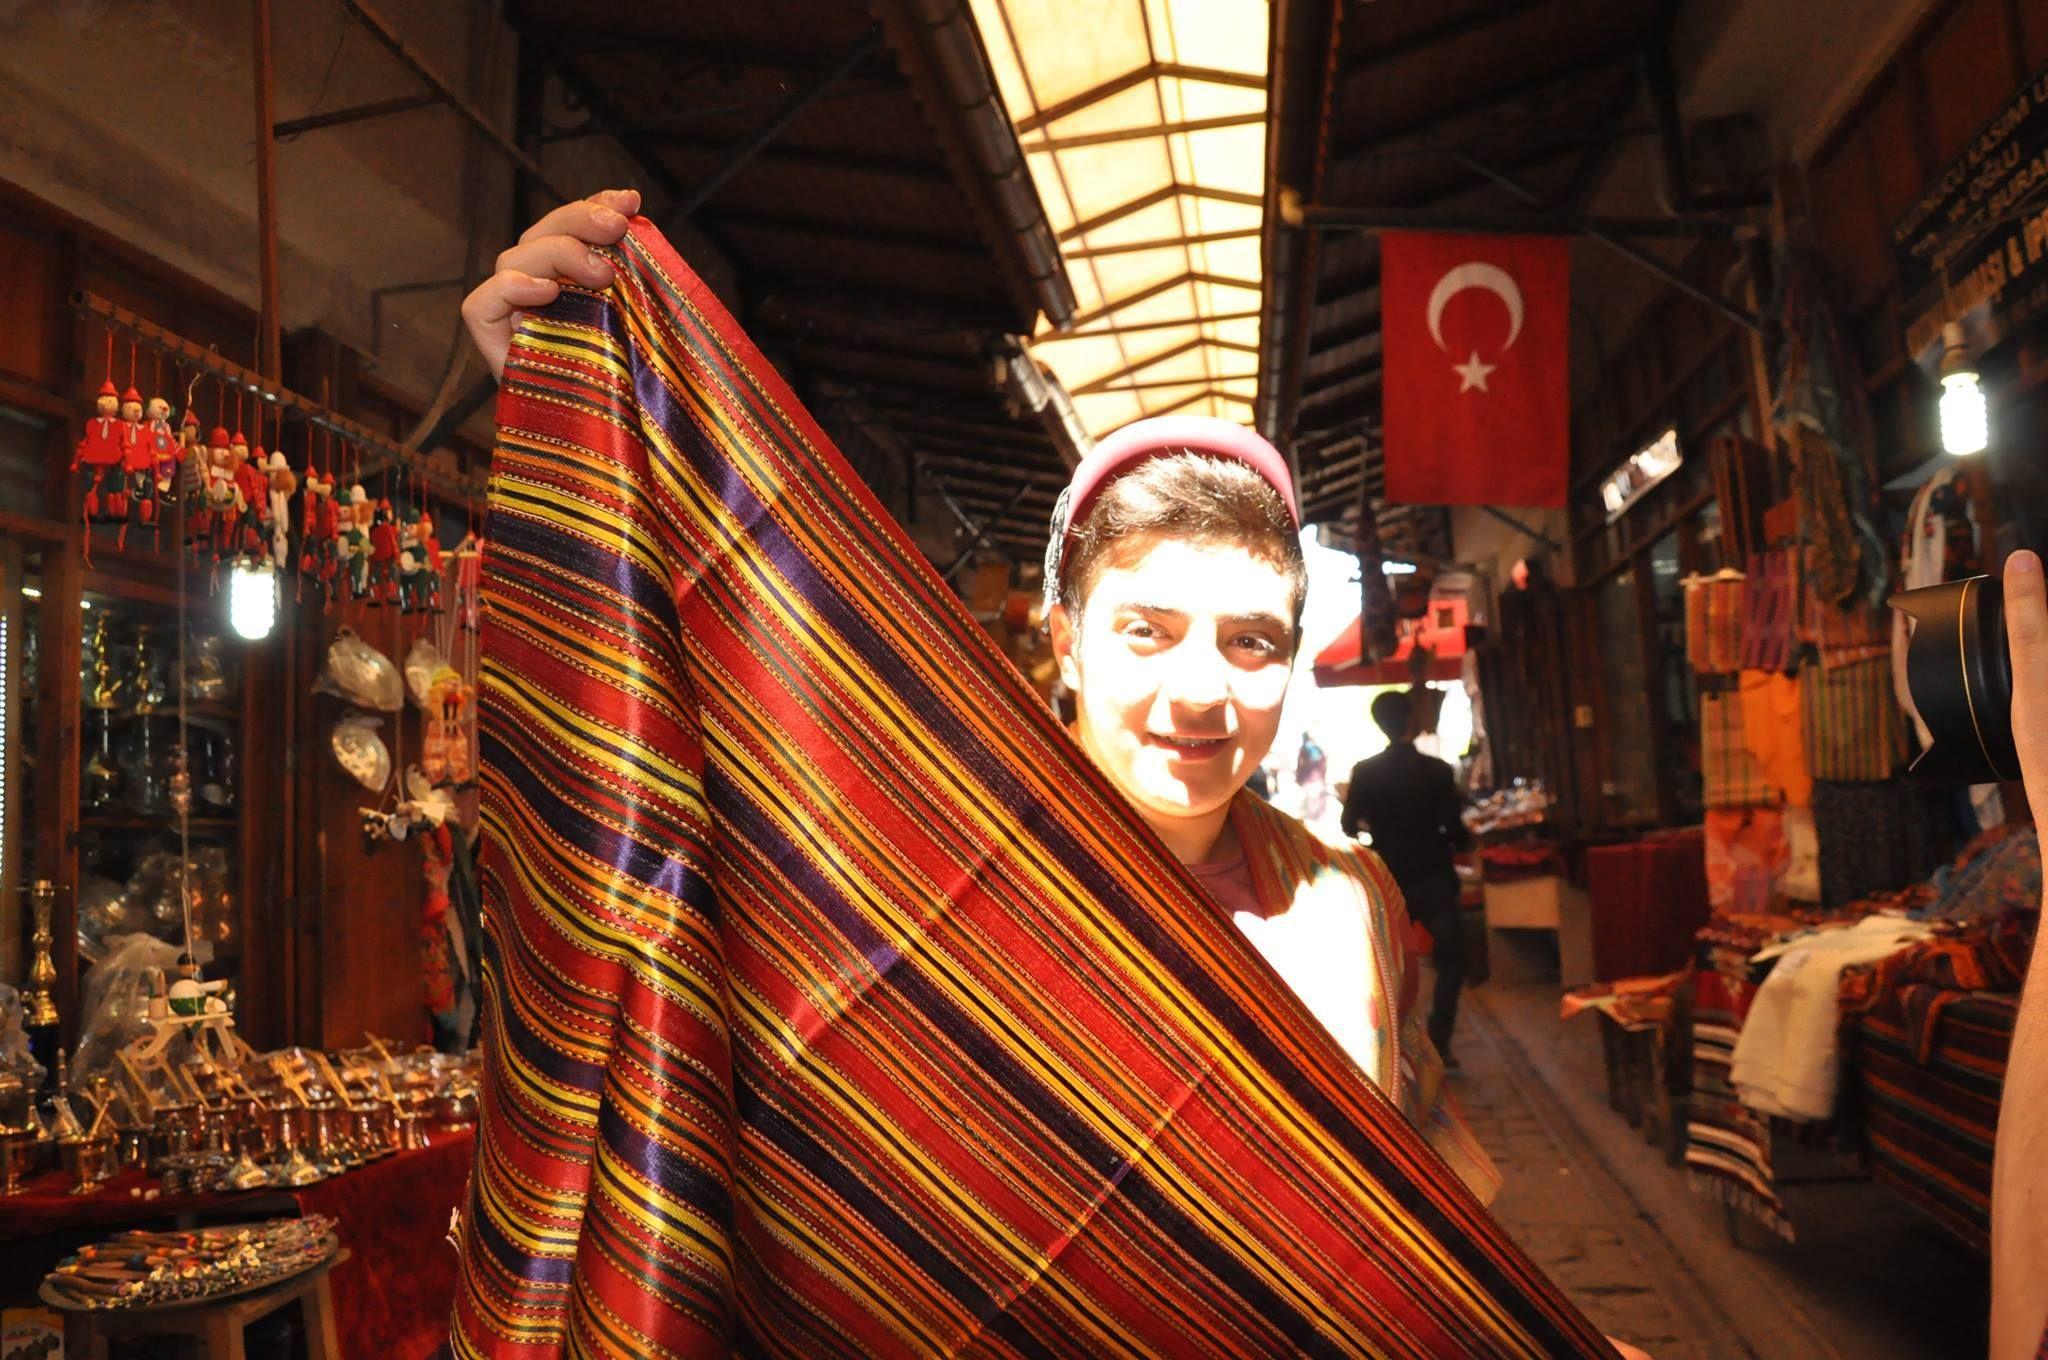 Gaziantep'in güzelliklerinden kutnu kumaşı…  Fotoğraf: İbrahim Alisinanoğlu